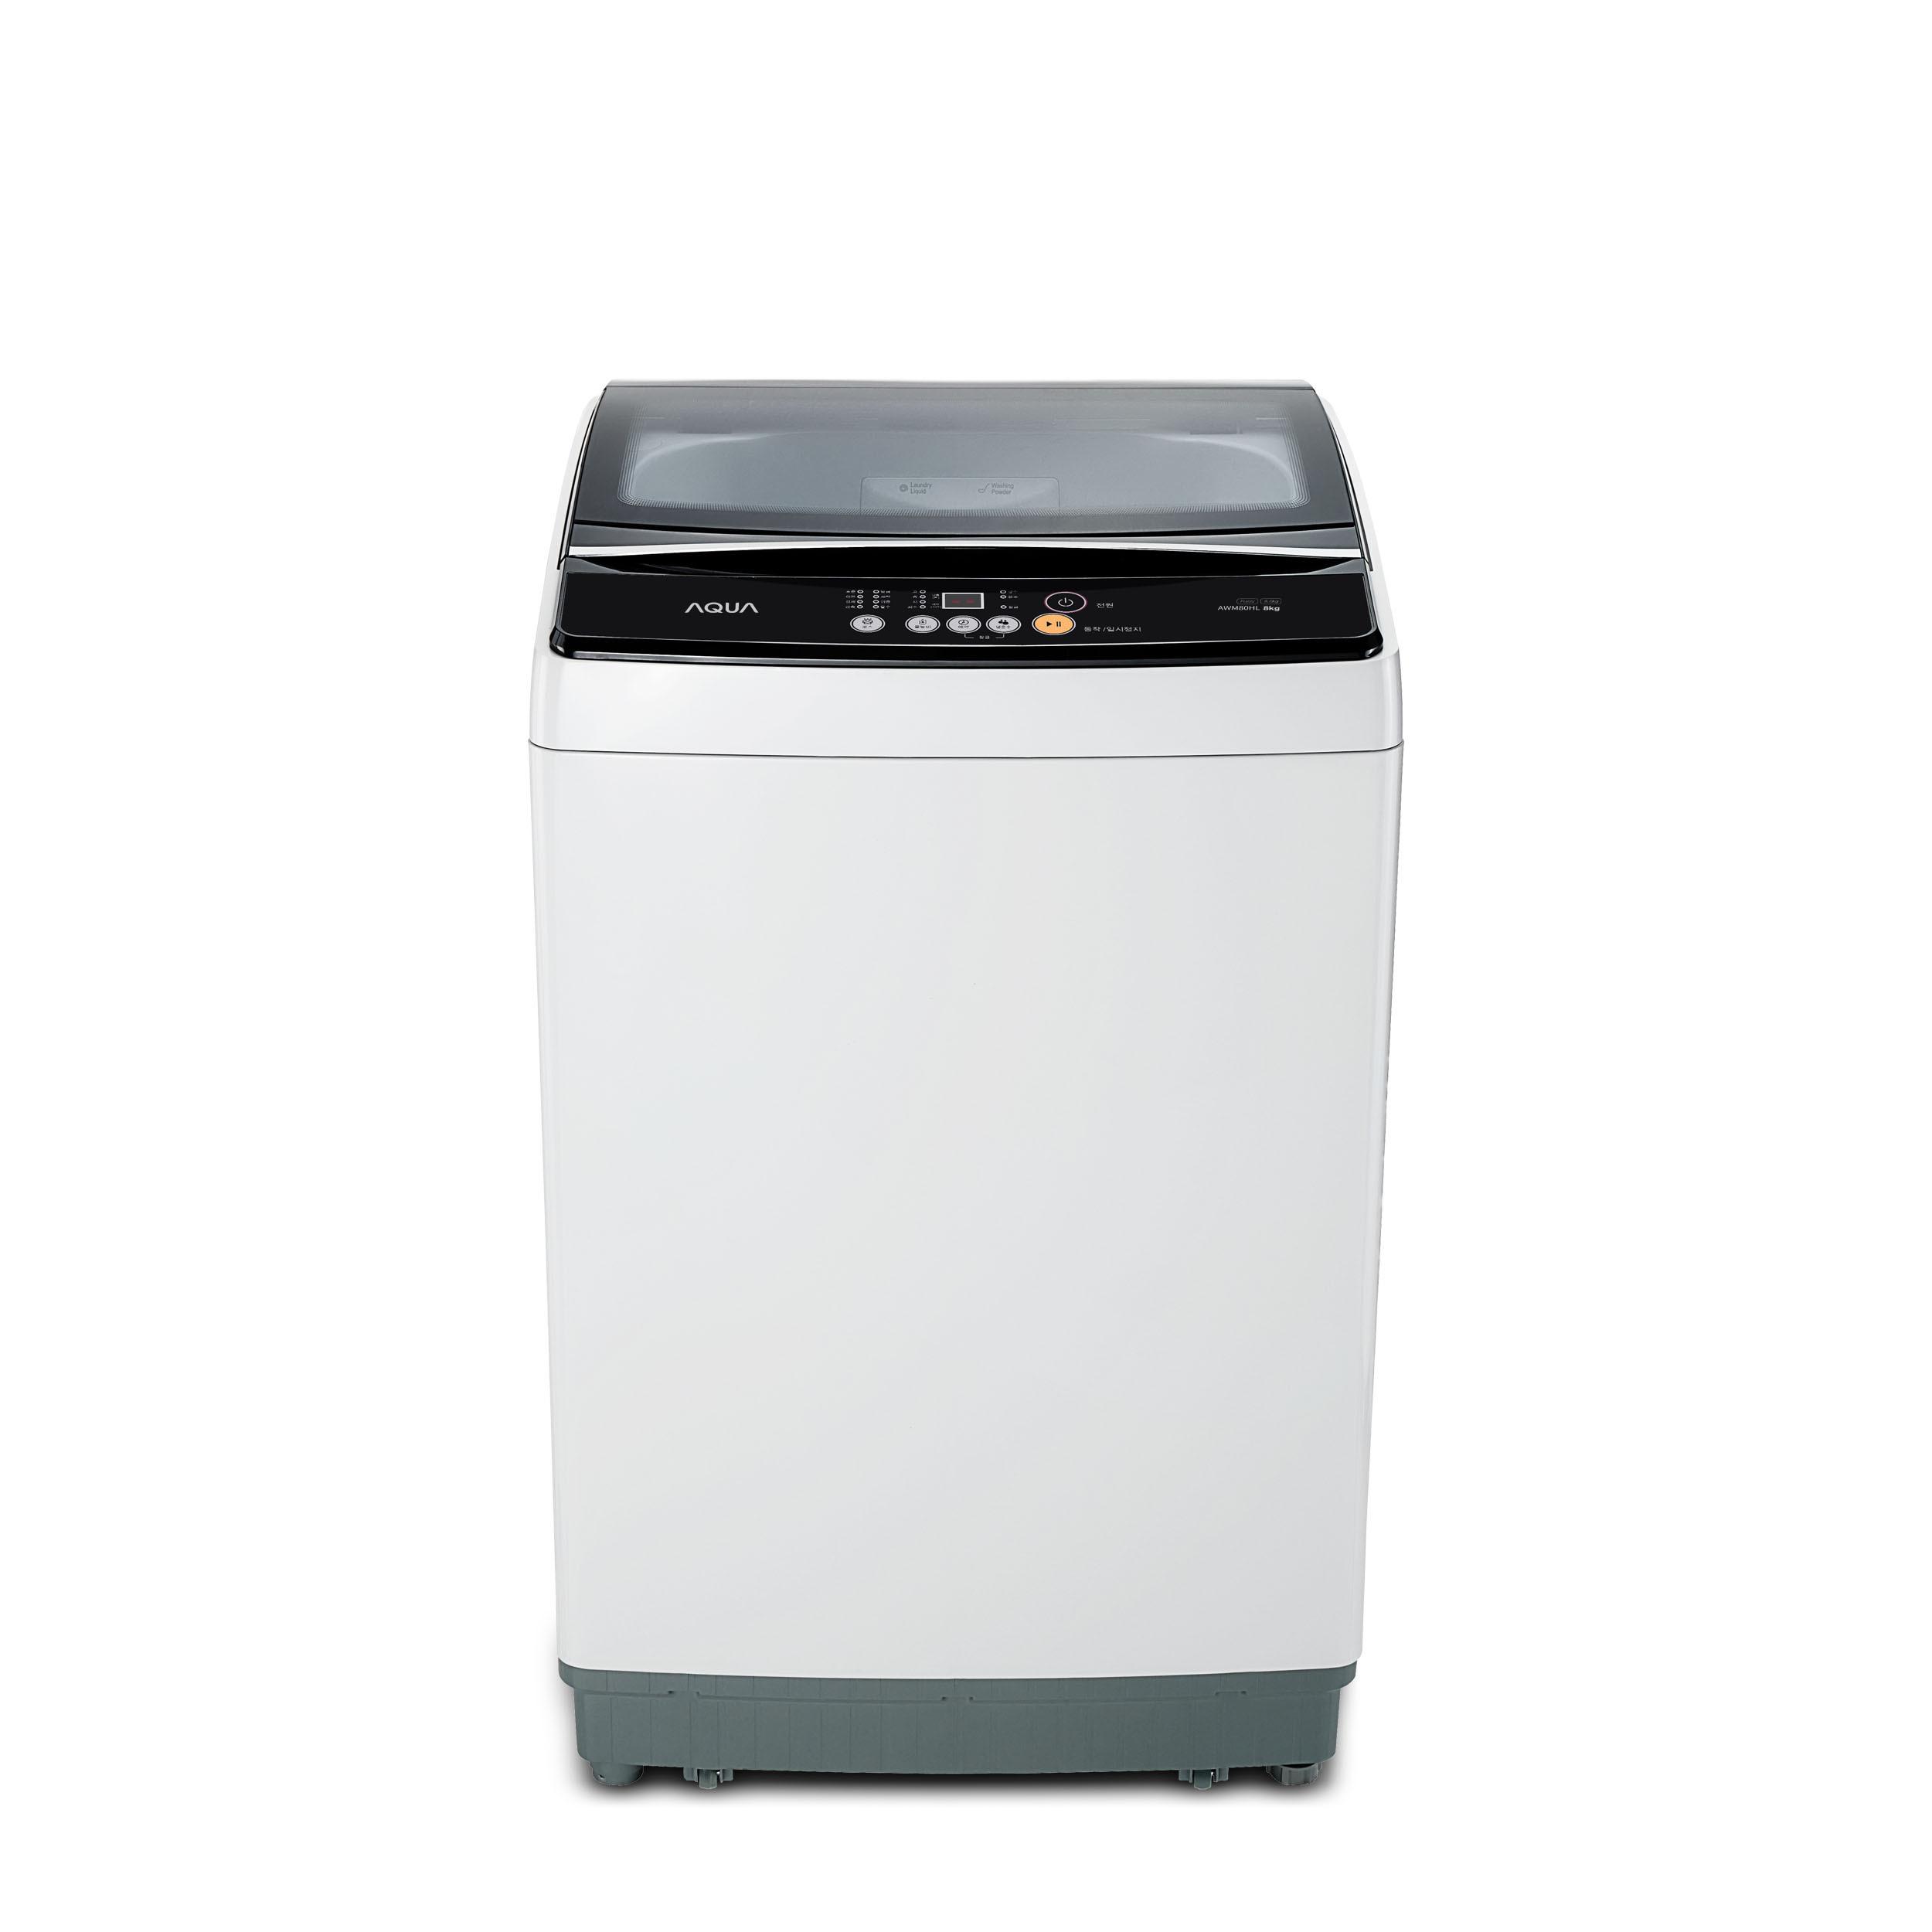 하이얼 일반 통돌이 세탁기 소형 연그레이 8kg 방문설치, AWM80HL